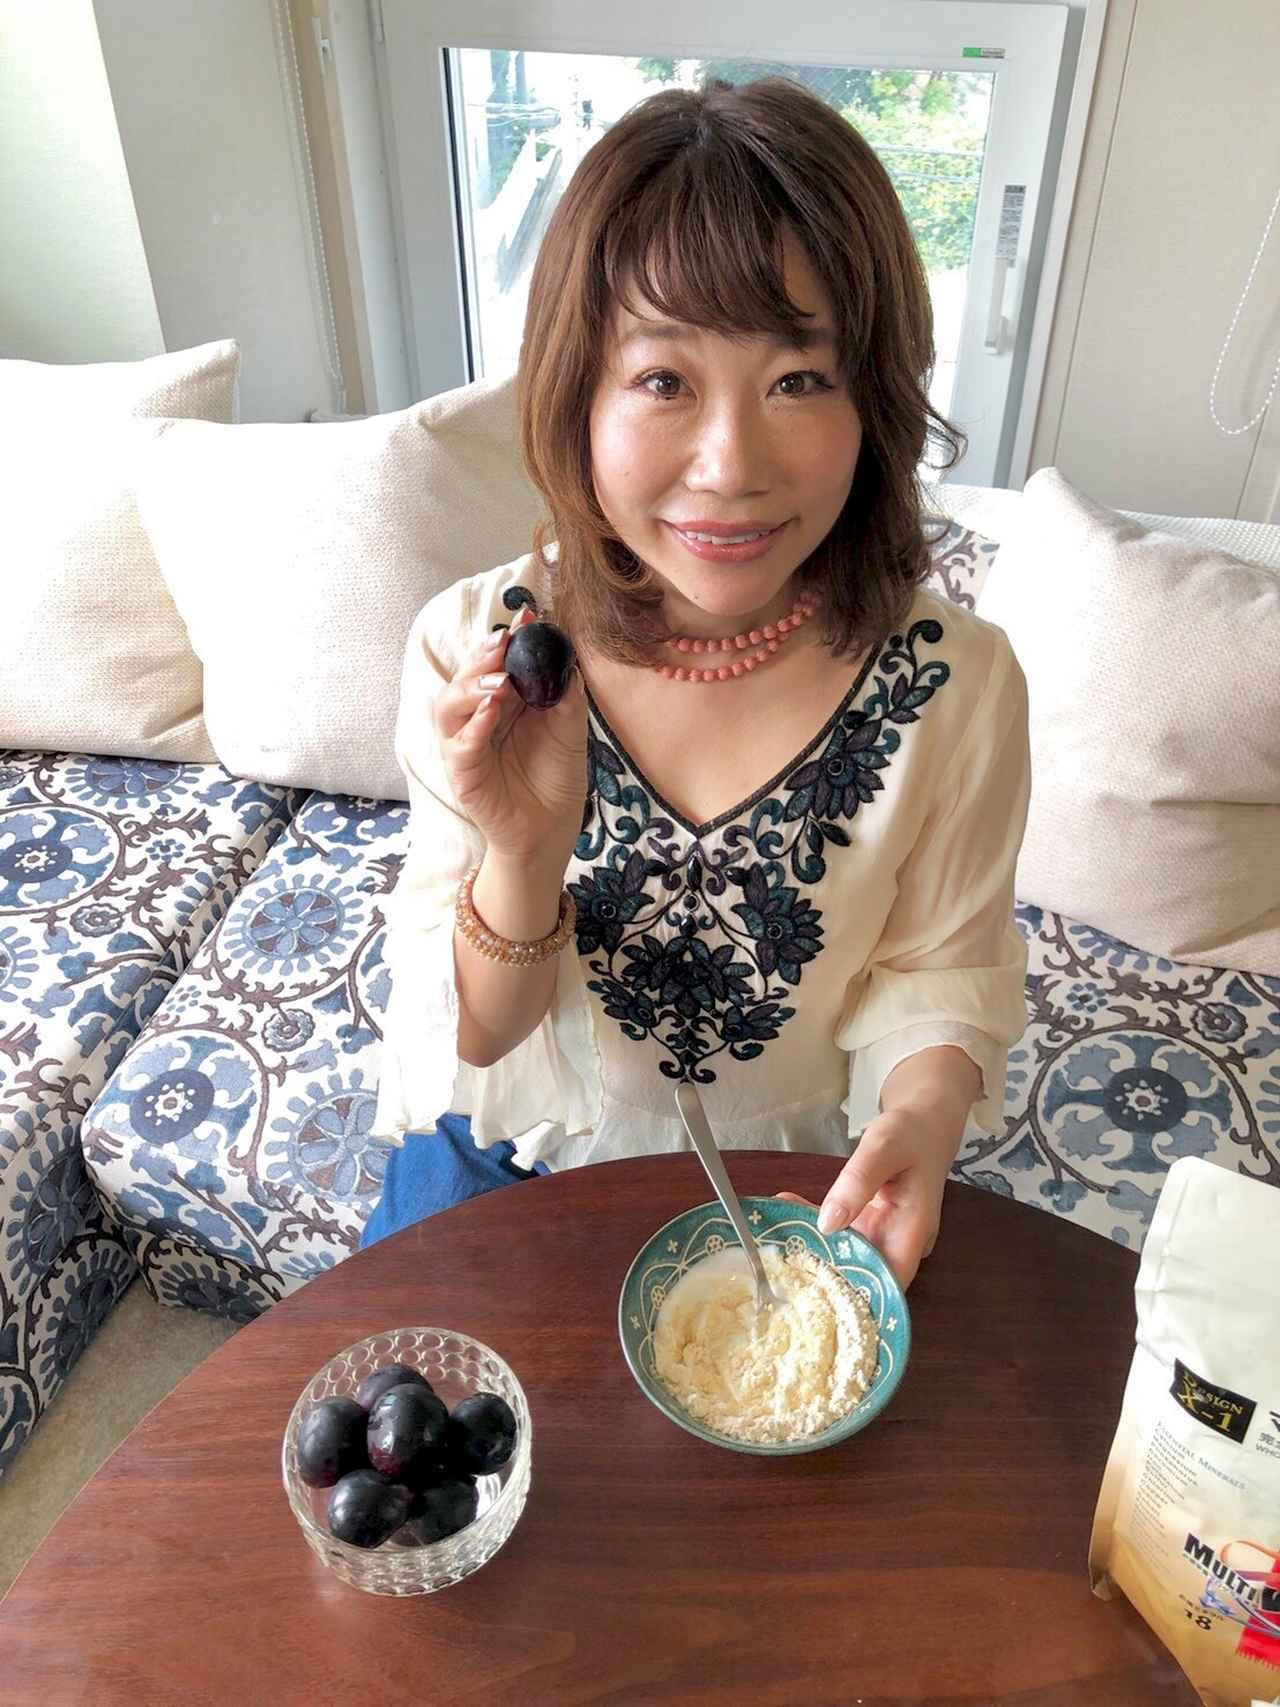 画像: この日は、私の大好きなぶどう(皮ごと食べられるもの)を 入れることにしました。